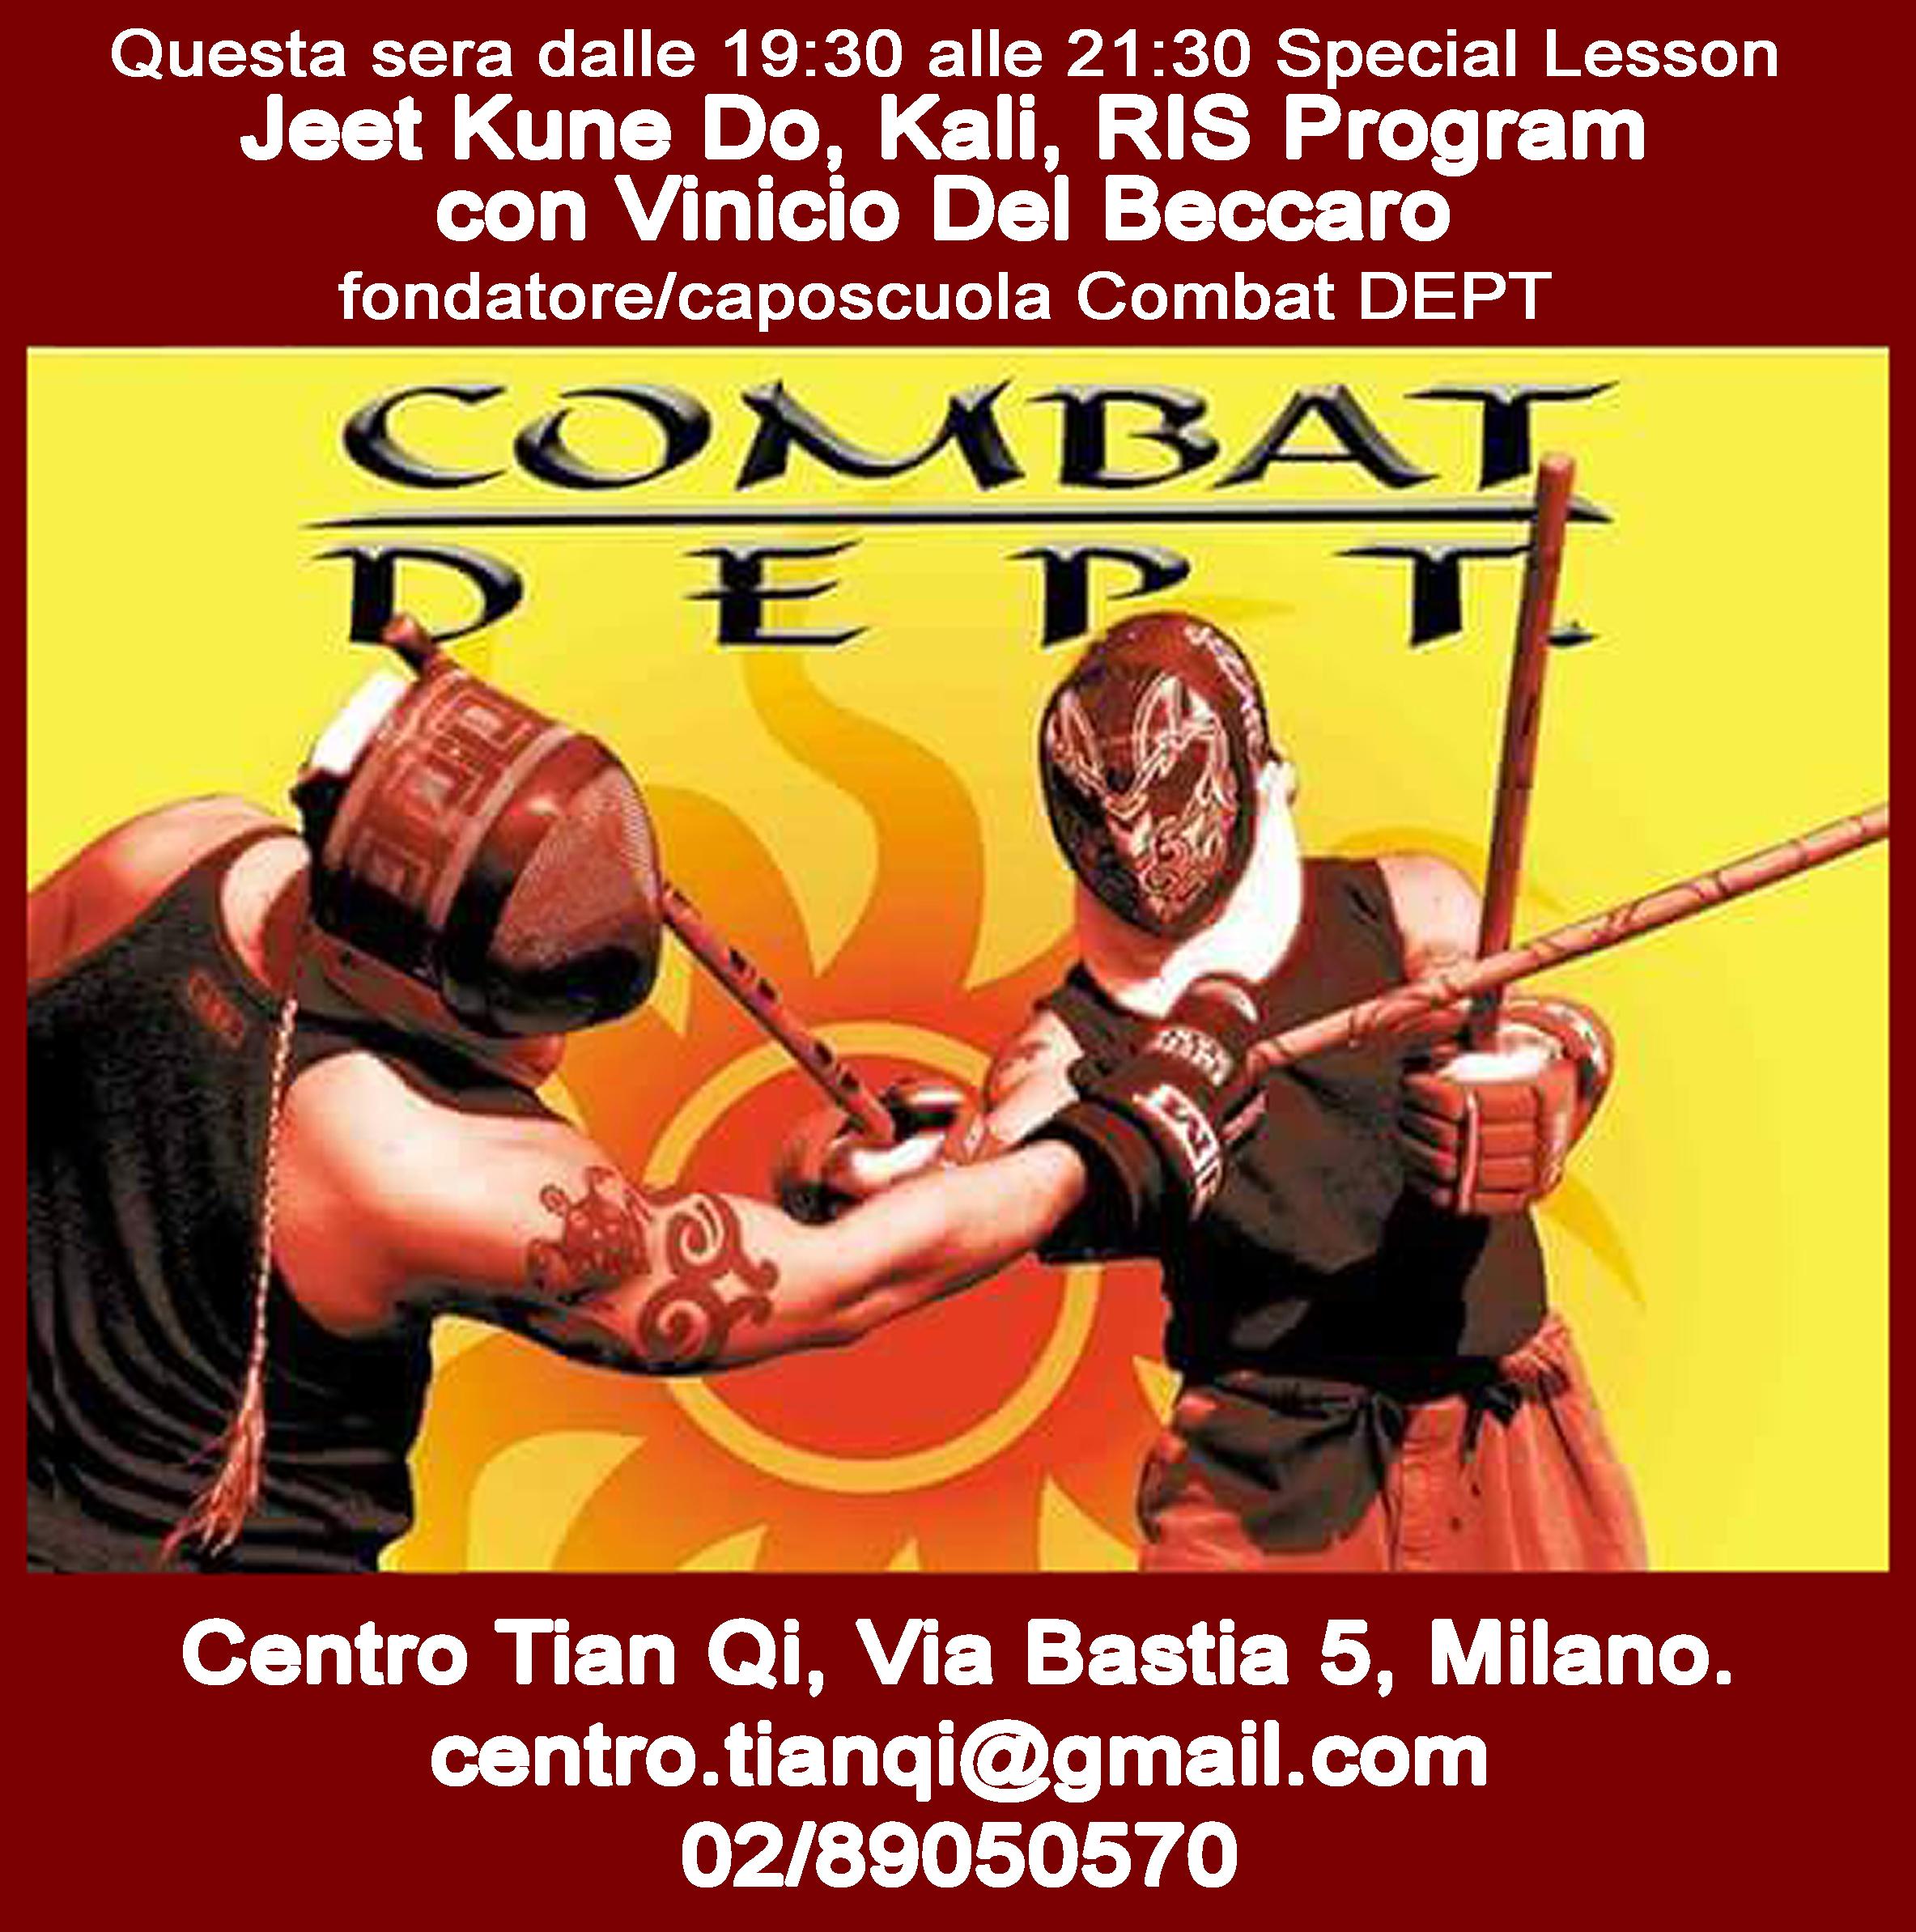 8/3/2016 special lesson jeet kune do, kali, ris program con vinicio del beccaro